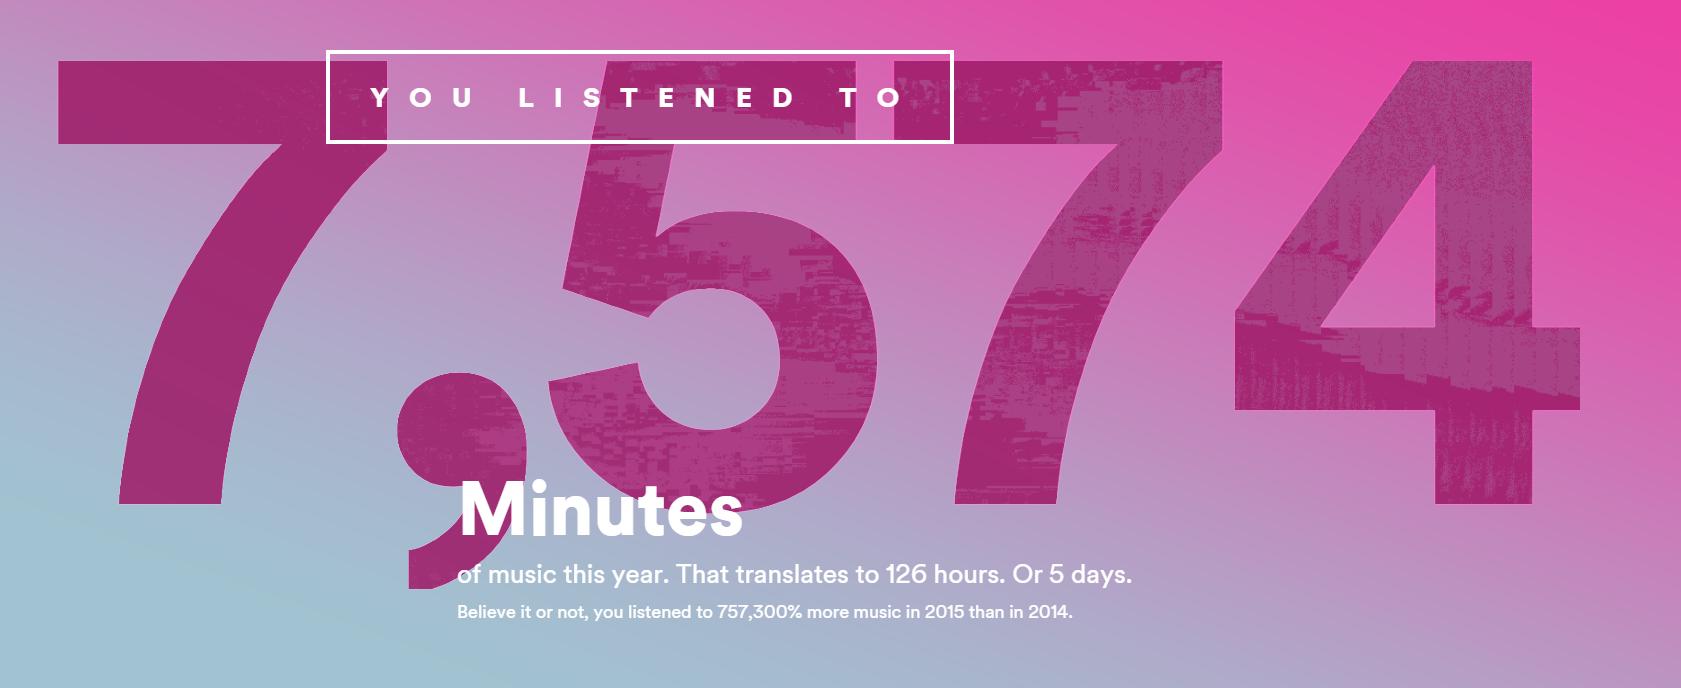 Spotify vypustilo podrobné statistiky vašeho profilu